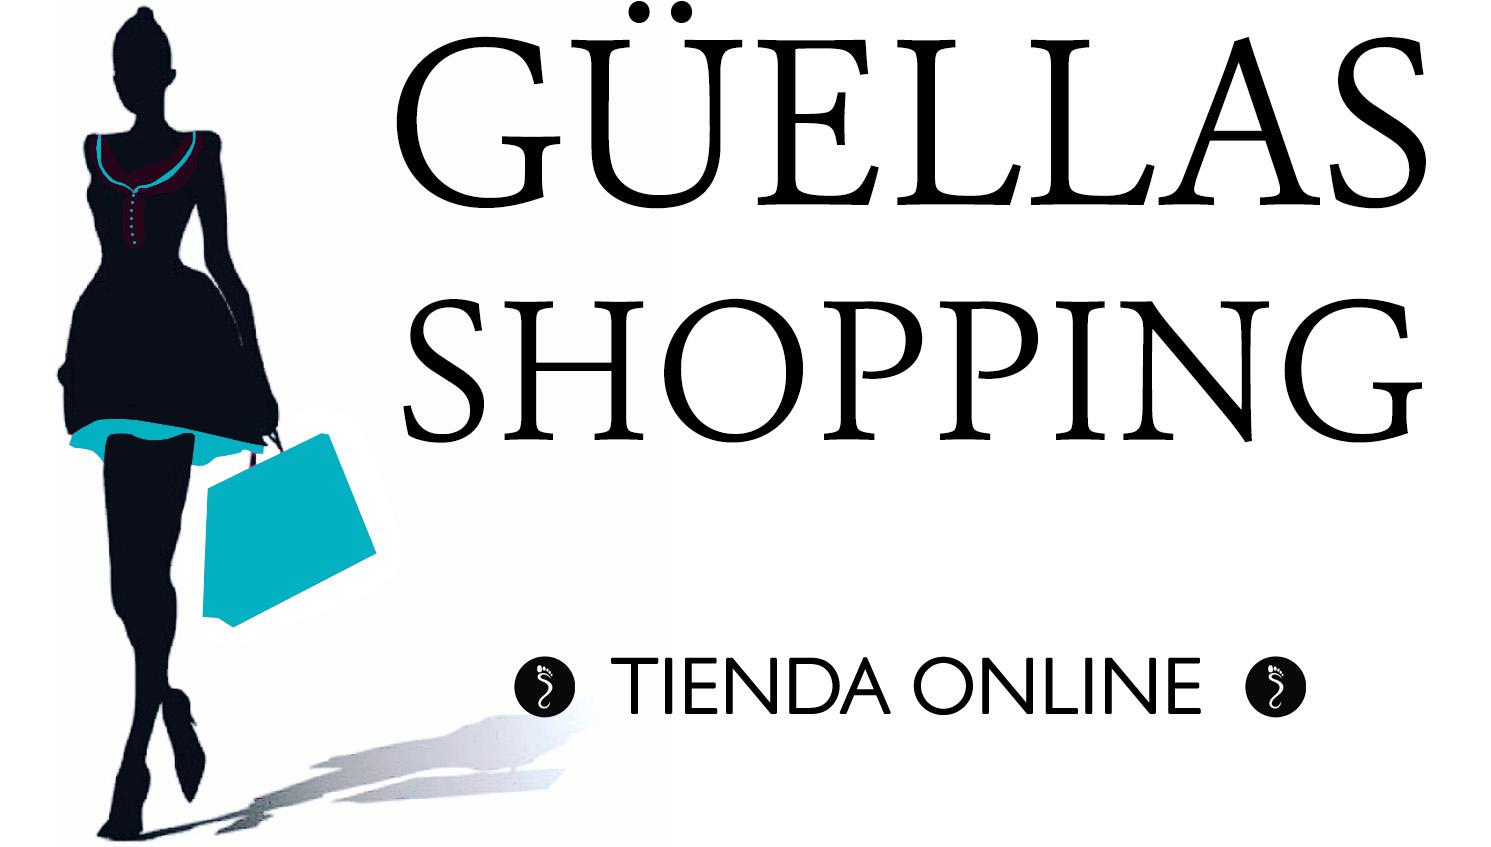 Guellas Shopping